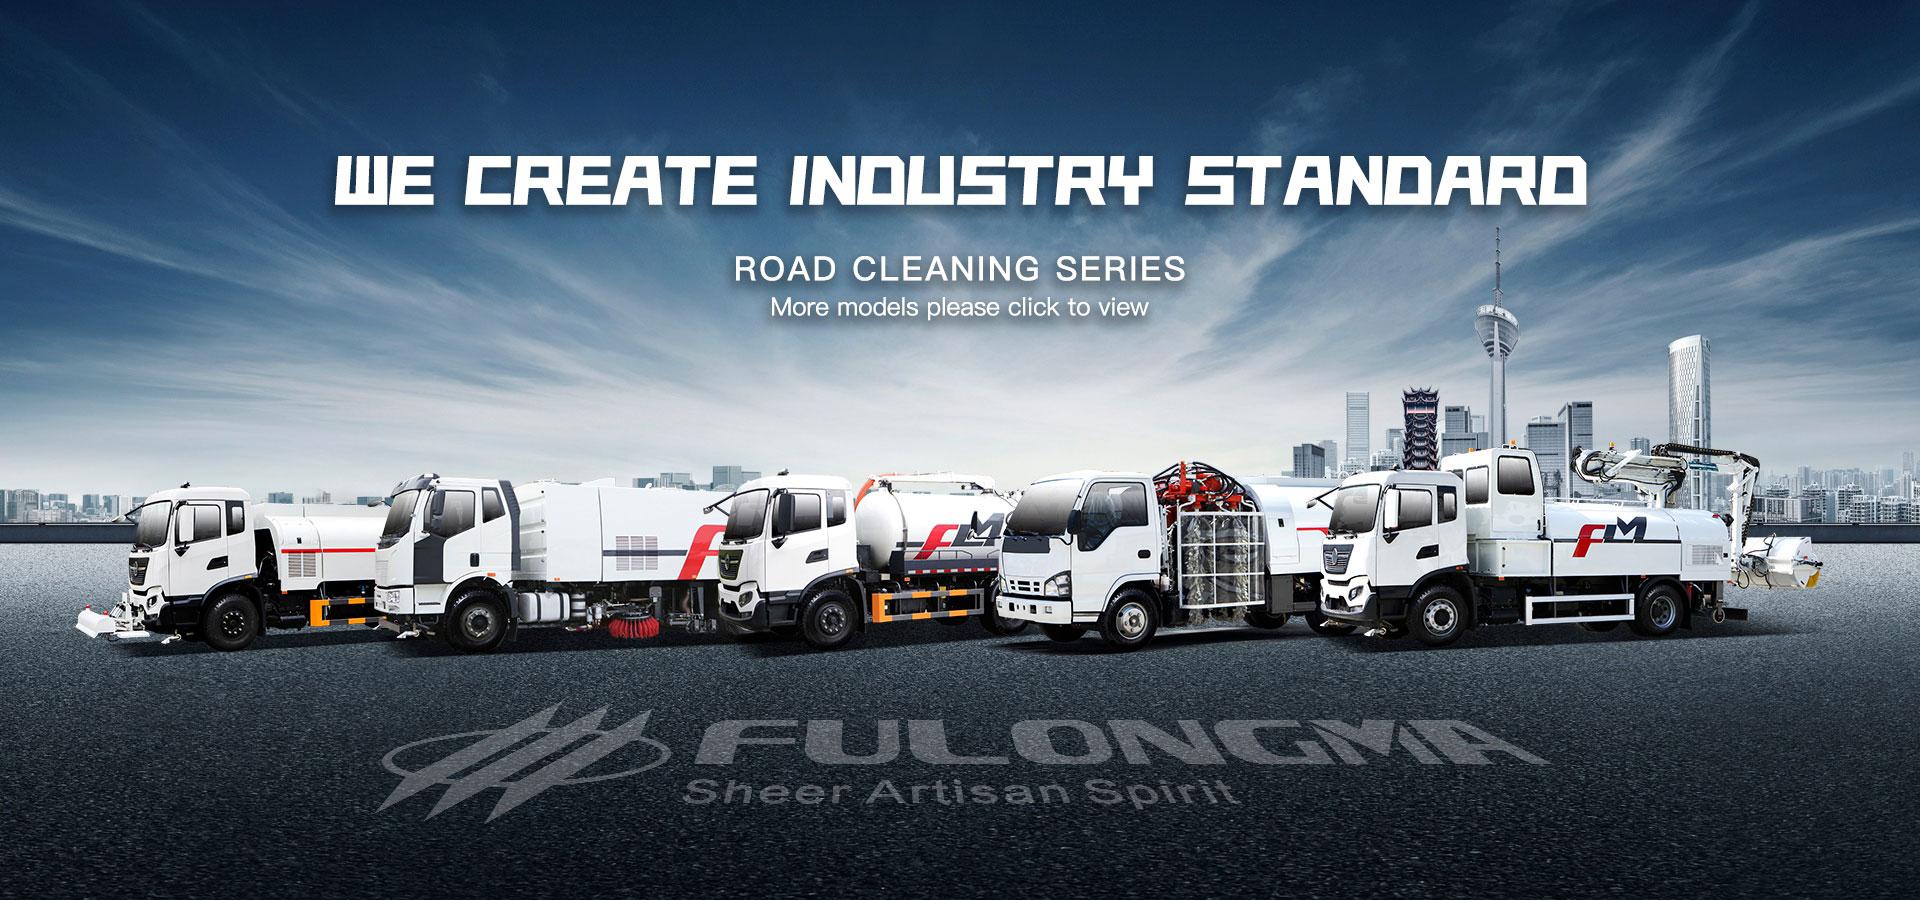 We Create Industry Standard